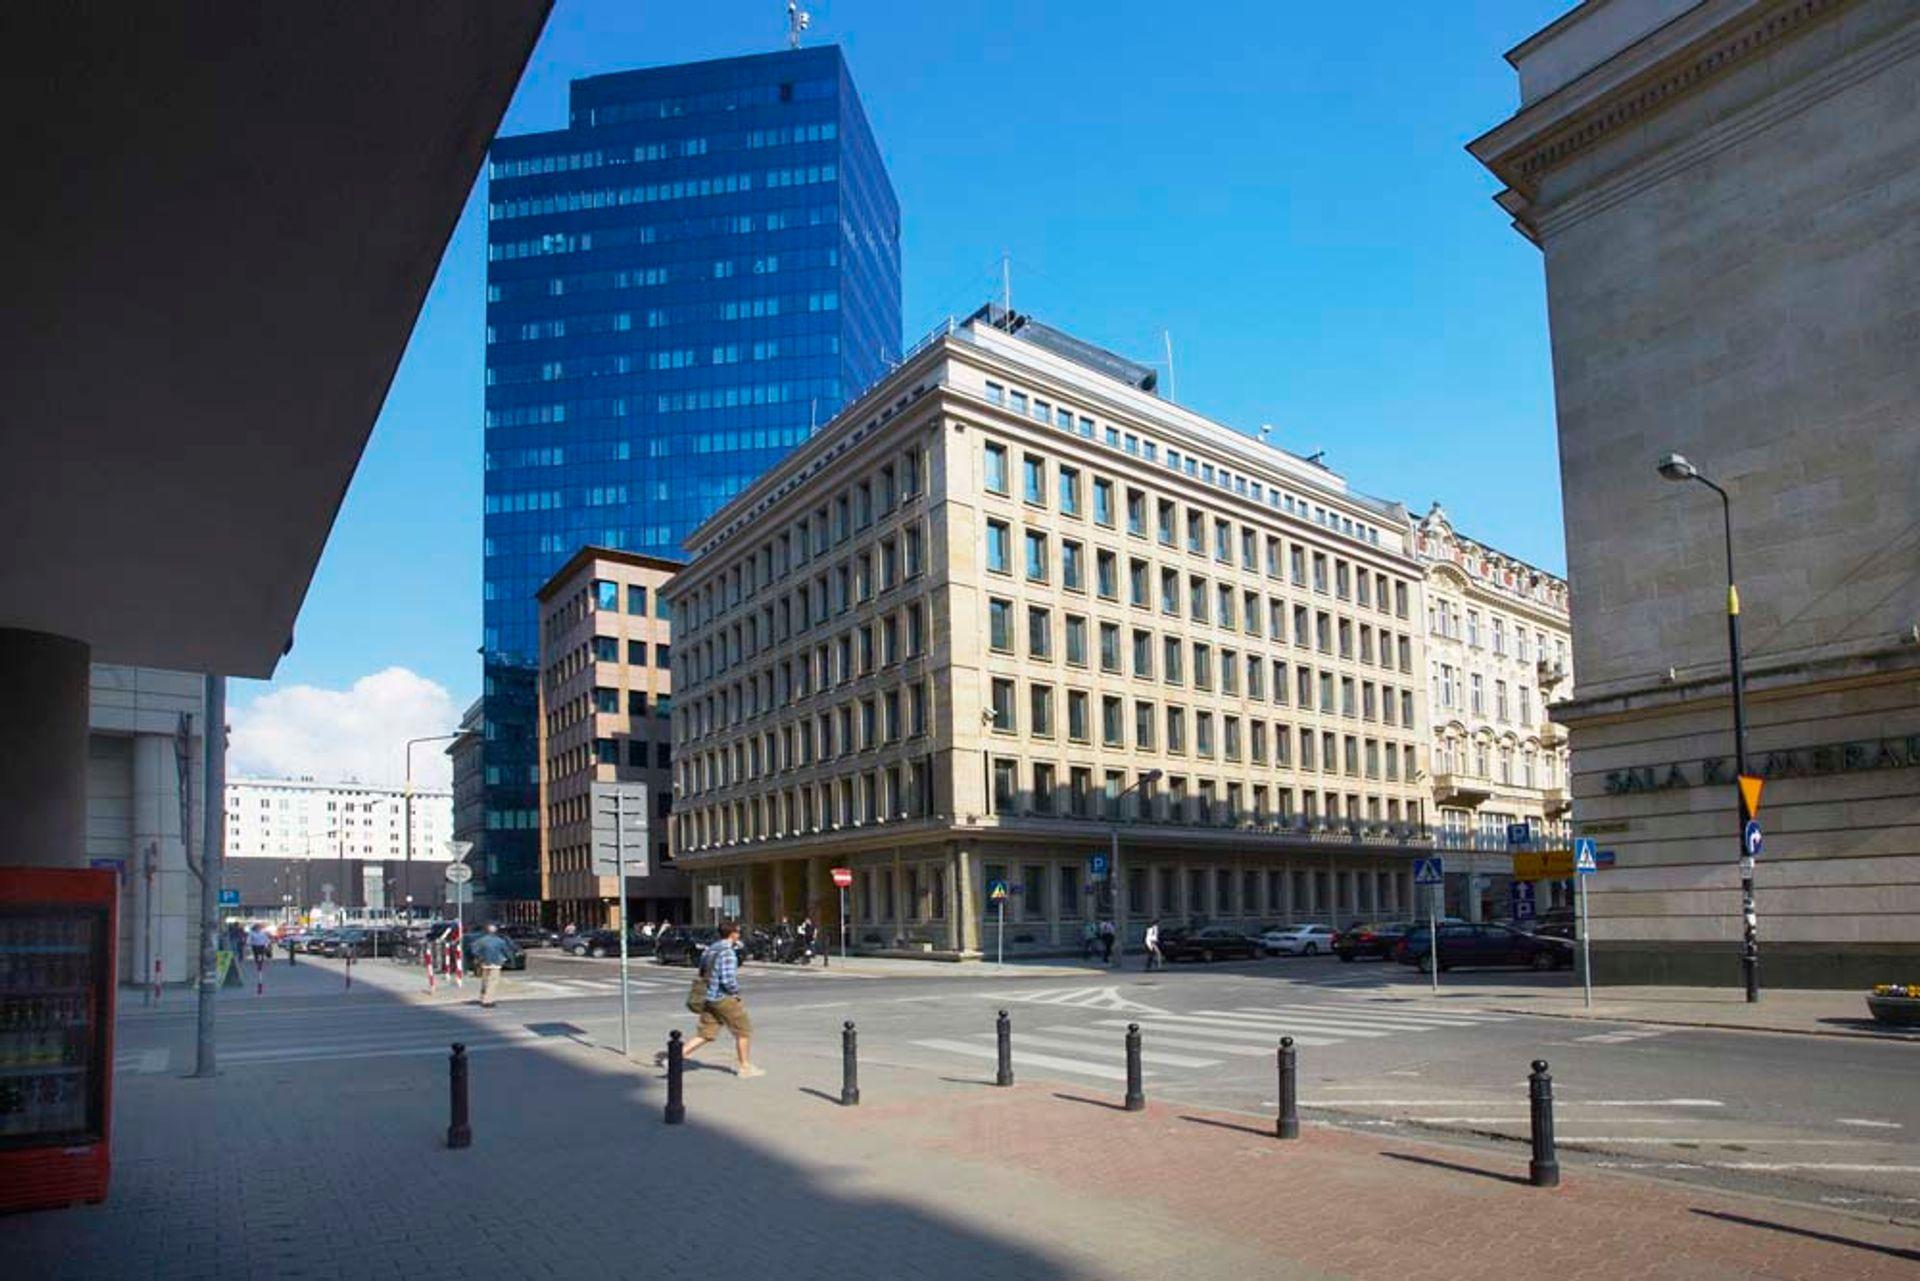 [Polska] Grupa City Service zabiega o nowe rynki